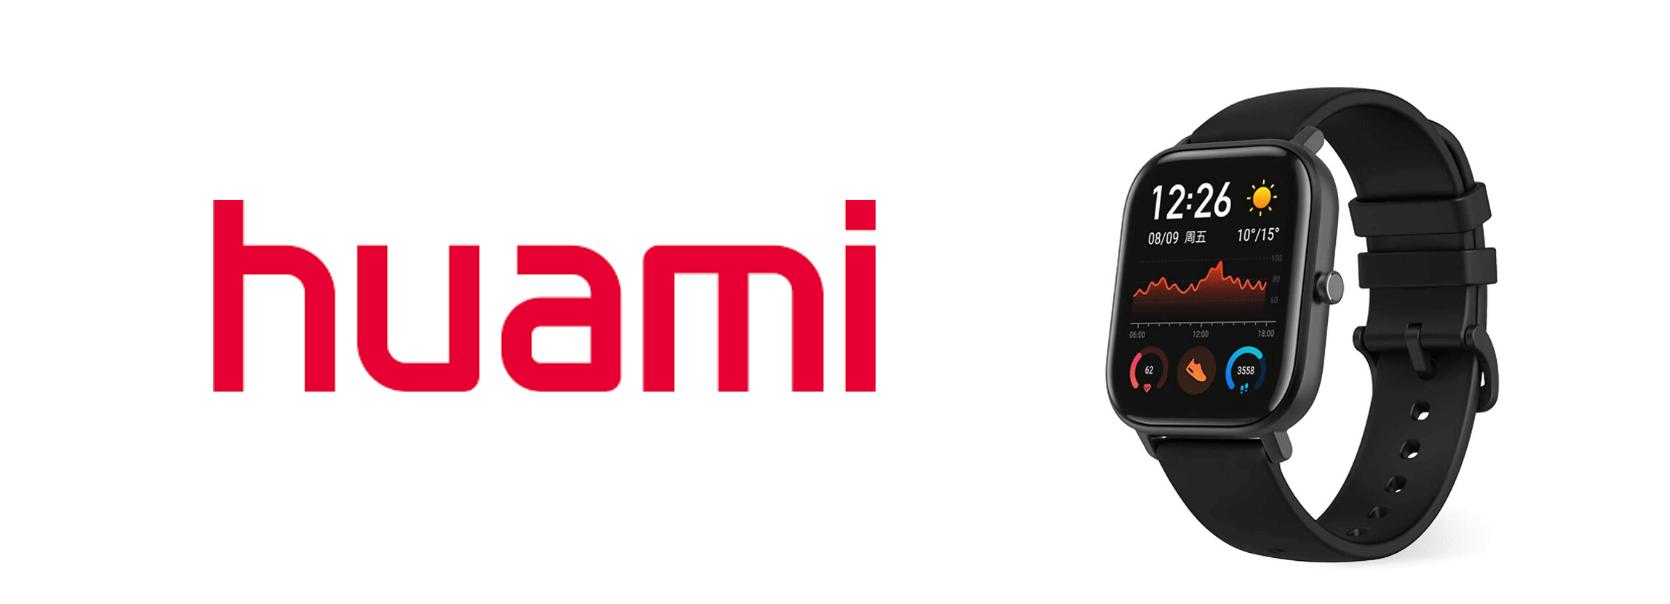 中国製スマートウォッチで高い商品開発力のHuamiのAmazfit